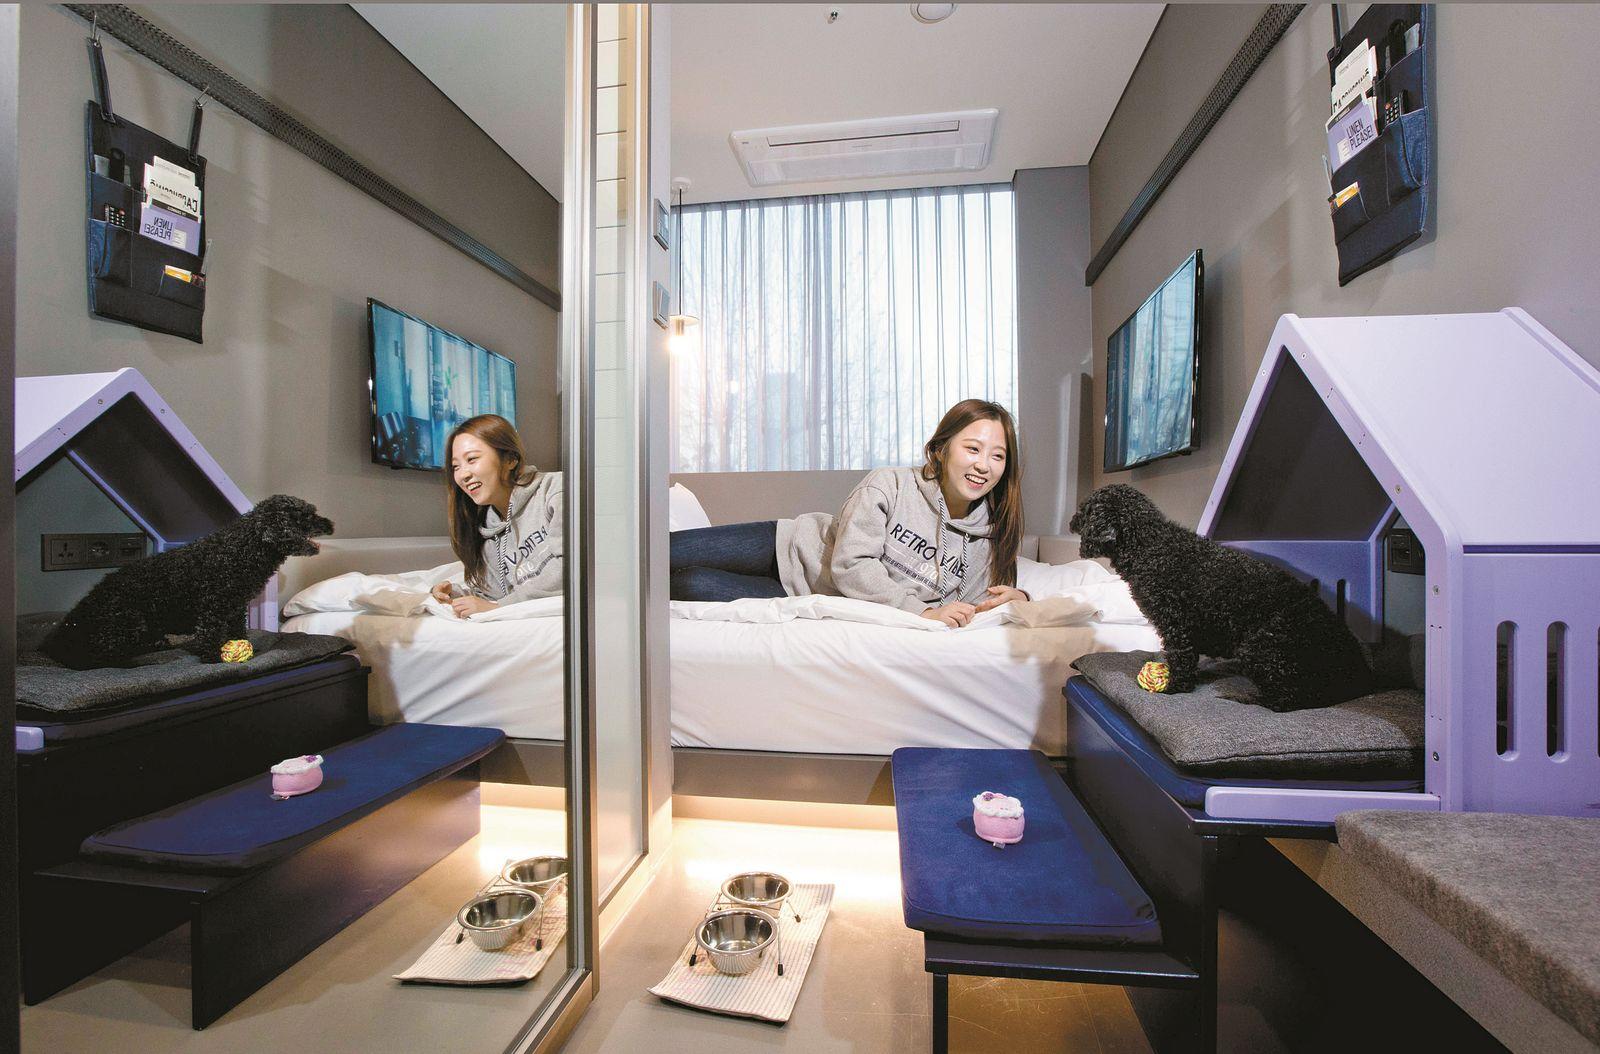 호텔 카푸치노 애완견과 함께 묵을 수 있는 바커룸. 애완견 전용 침대와 욕조도 갖췄다.